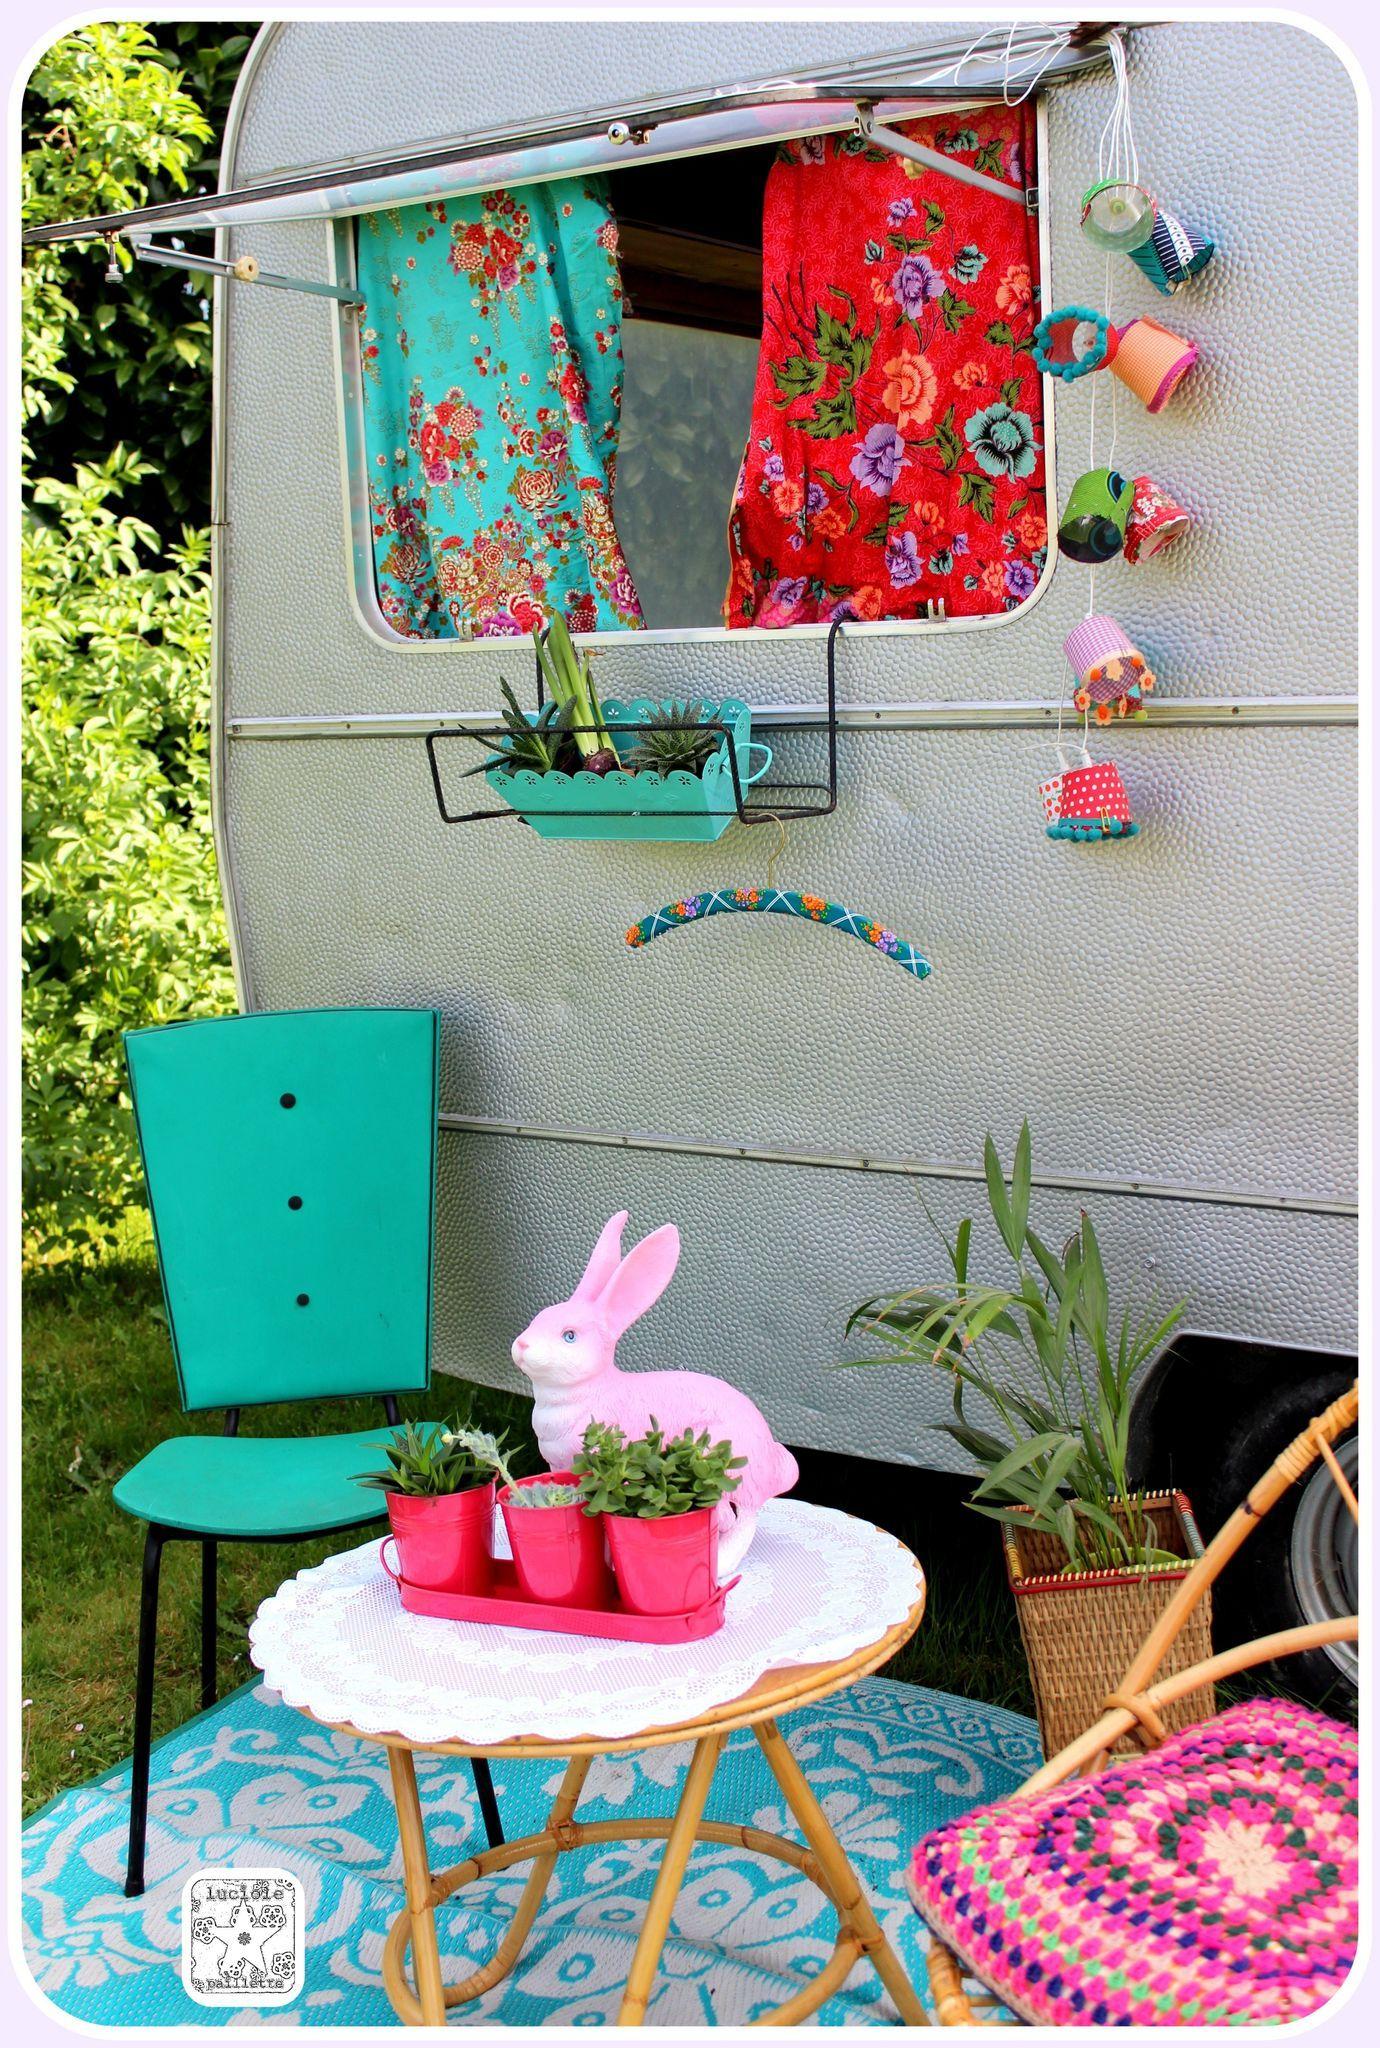 Avec Le Soleil Boutique Paillette A Angers Caravane Deco Relooking Caravane Camping Vintage